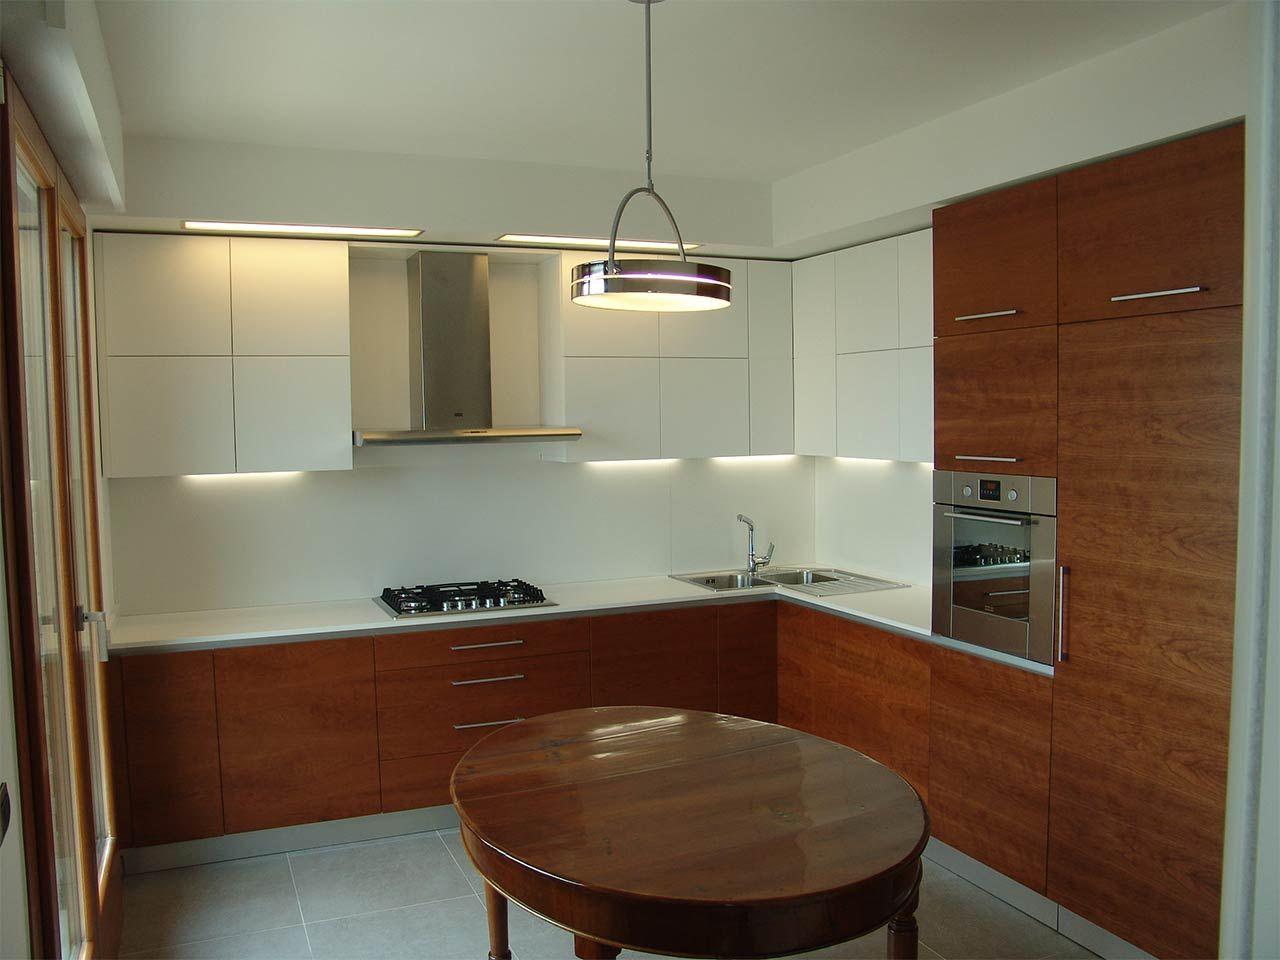 Cucine Moderne Color Ciliegio.Cucina In Ciliegio E Bianco Opaco By Arredamentiancona It